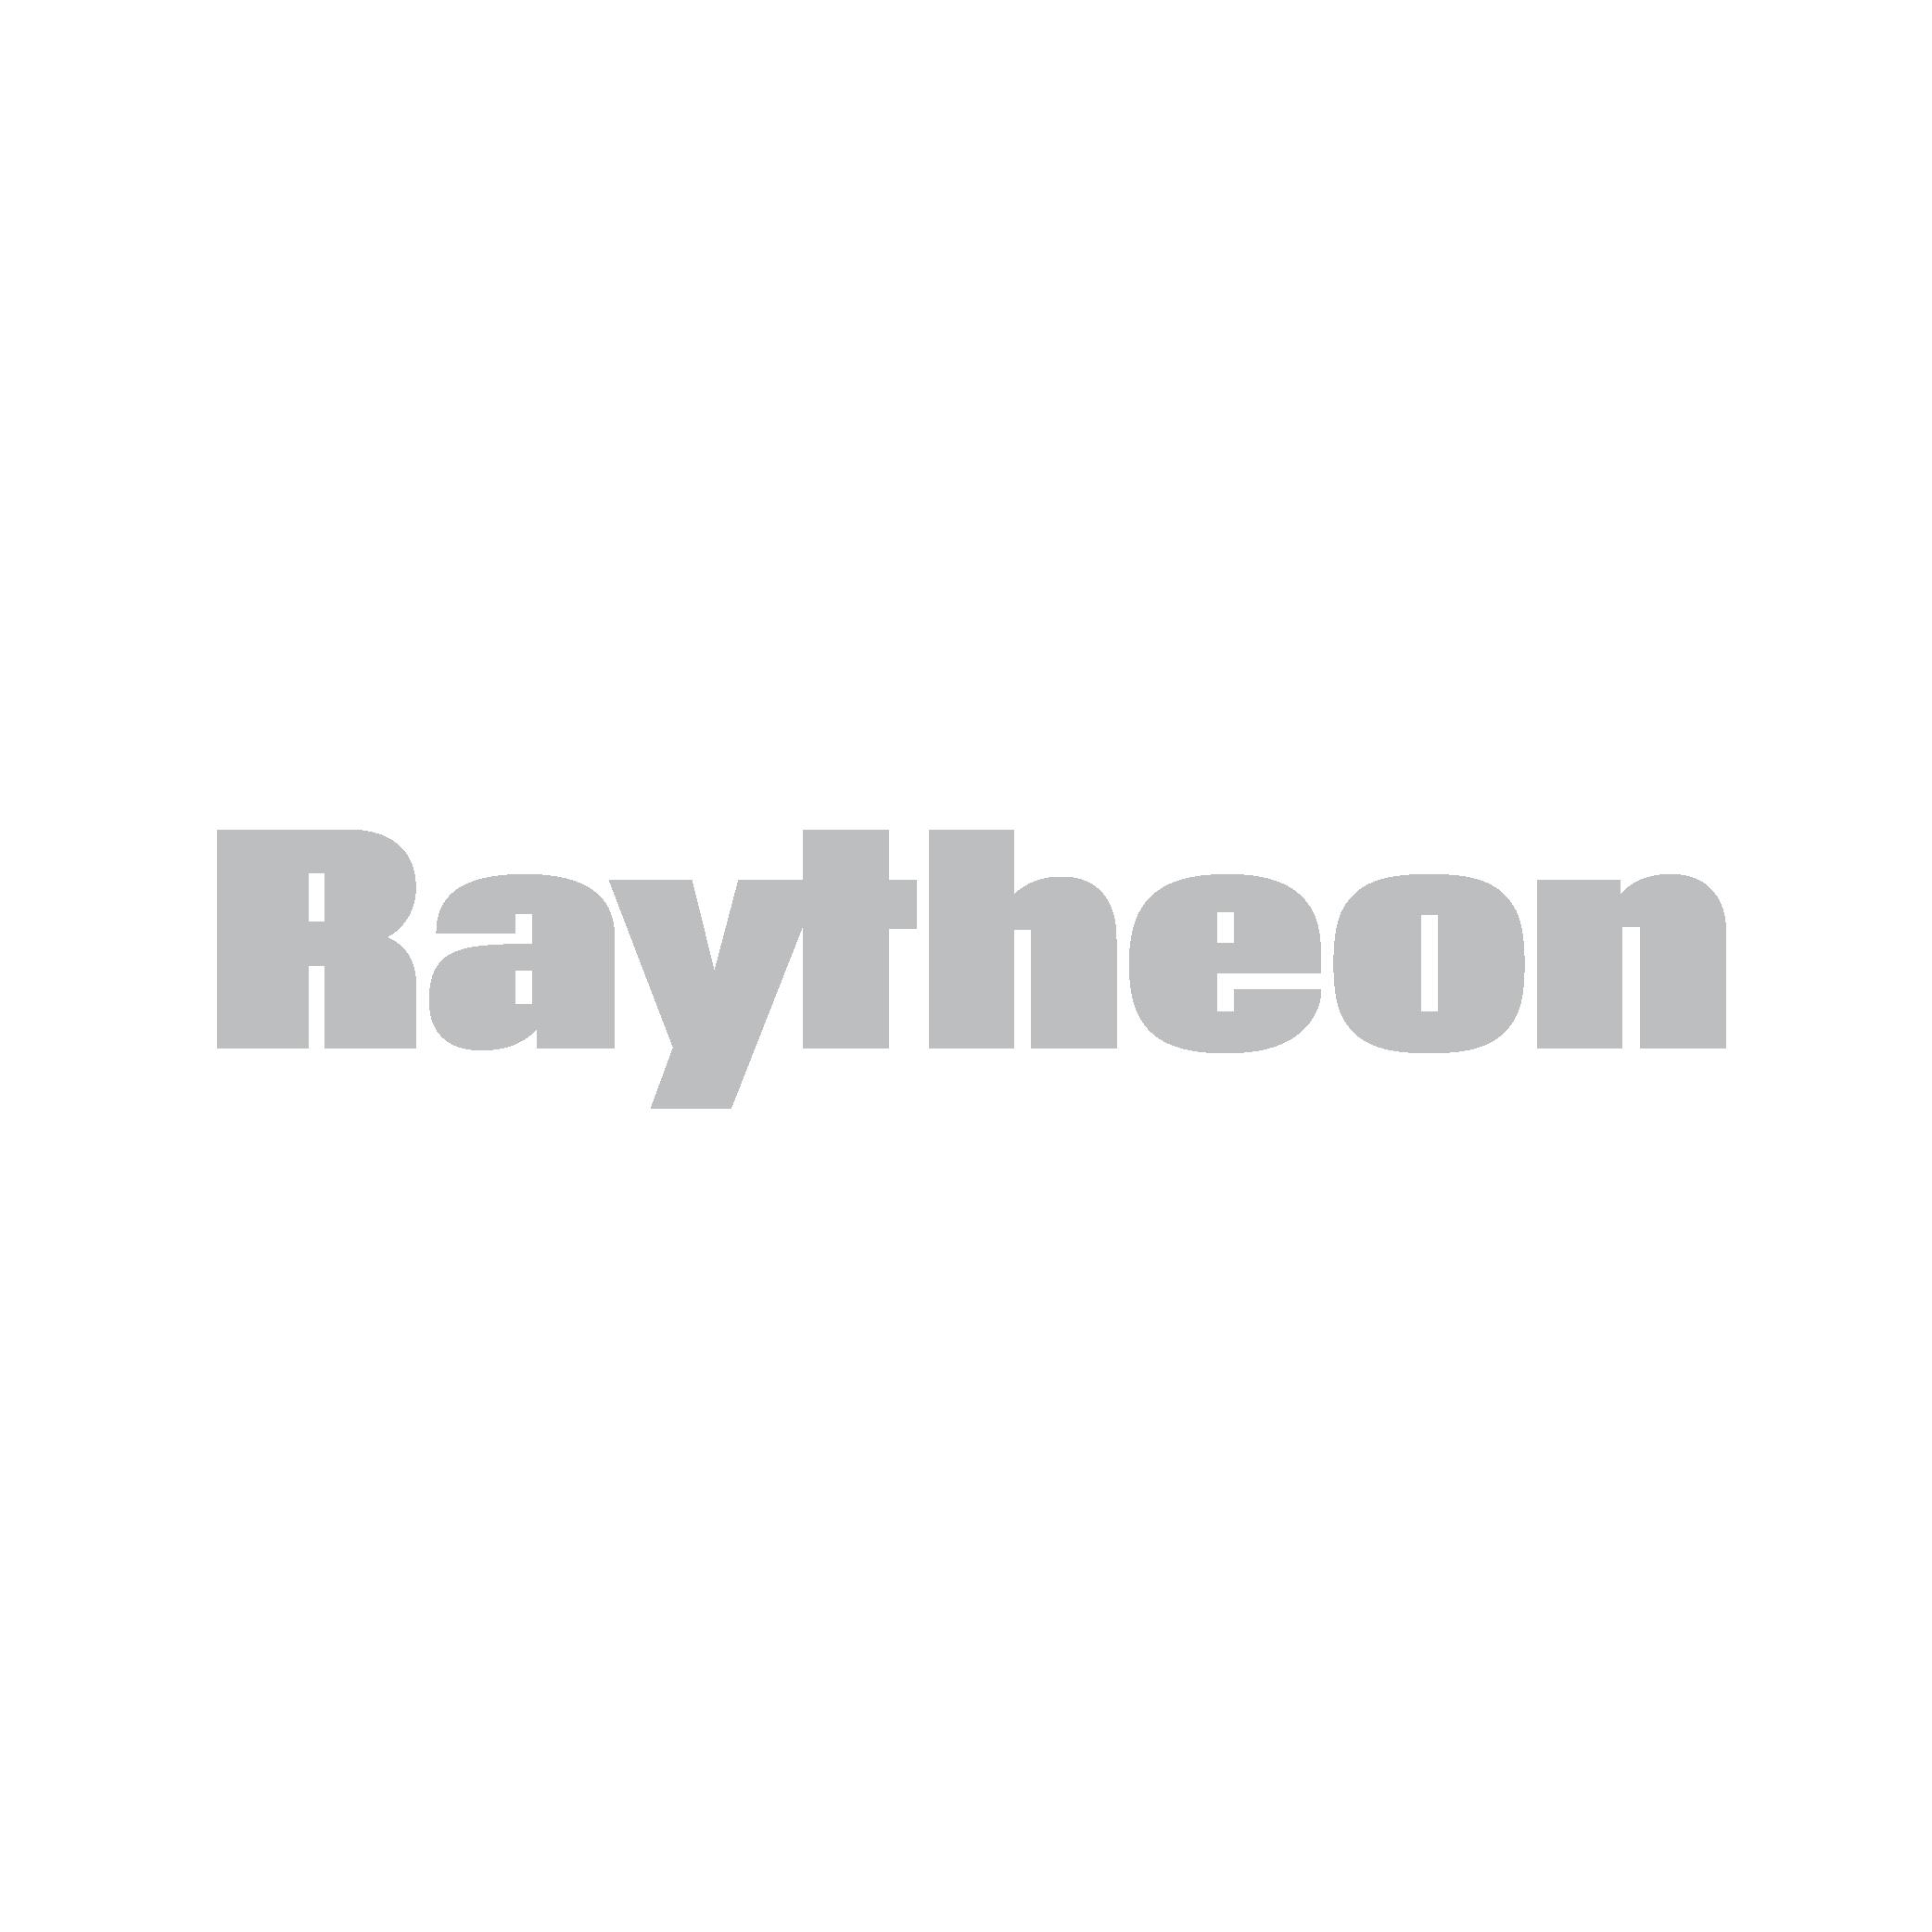 raytheon_gray-01.png